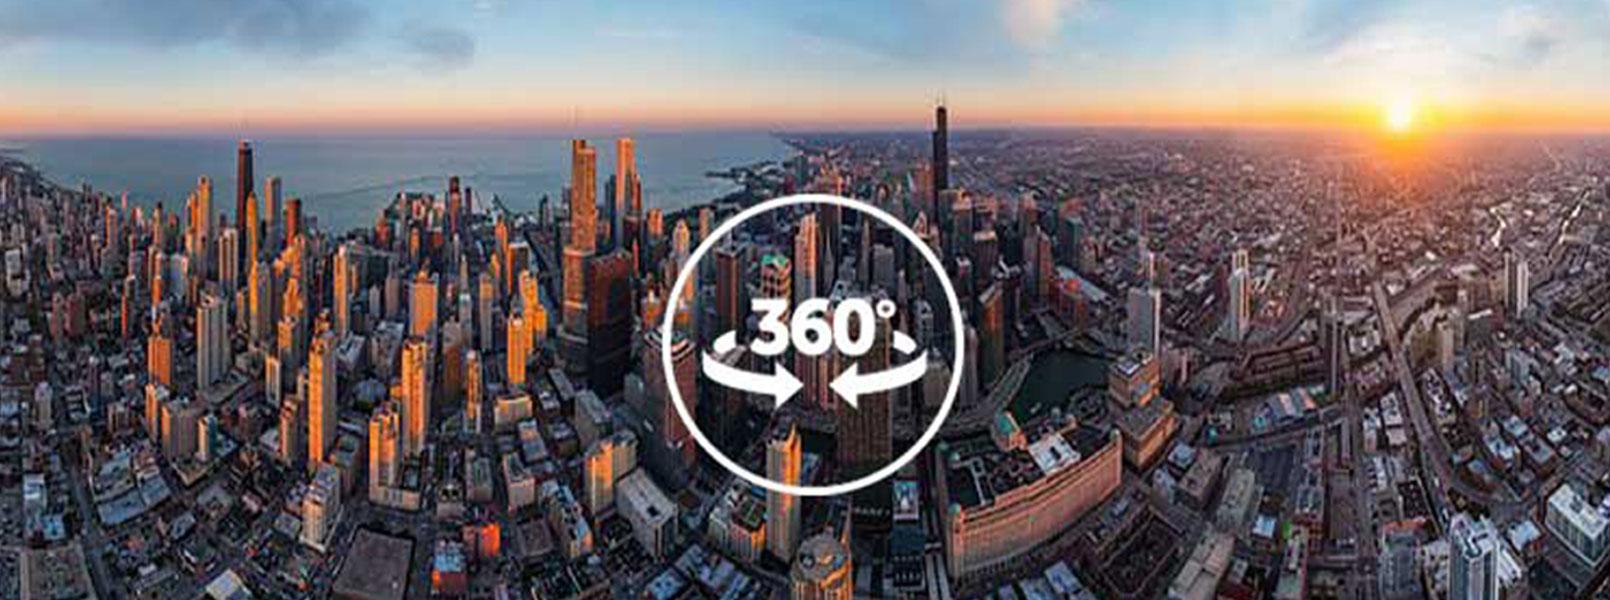 360_W.jpg